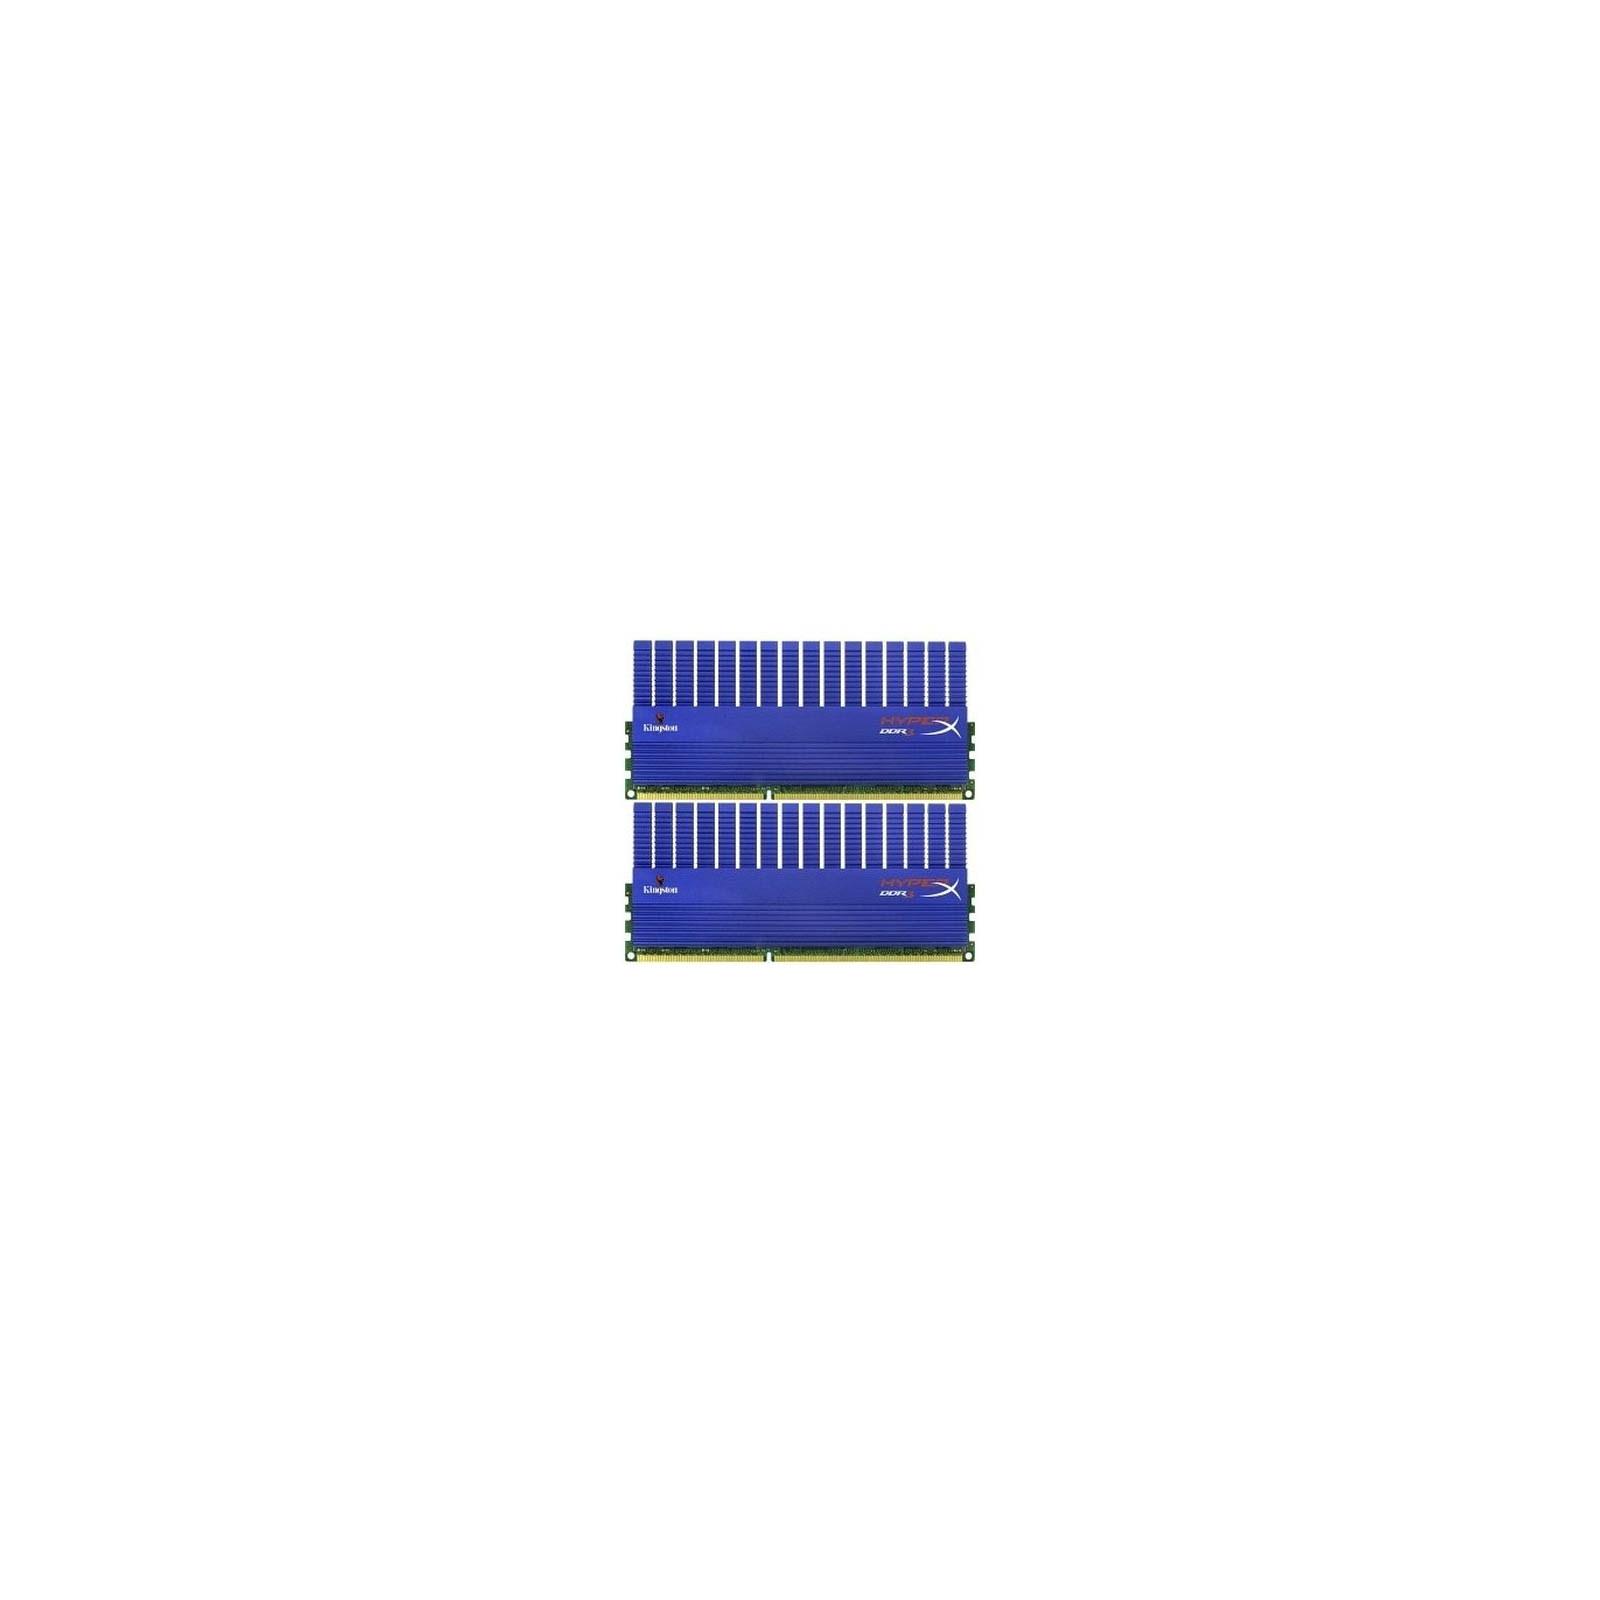 Модуль памяти для компьютера DDR3 8GB (2x4GB) 1866 MHz Kingston (KHX1866C9D3T1K2/8GX)